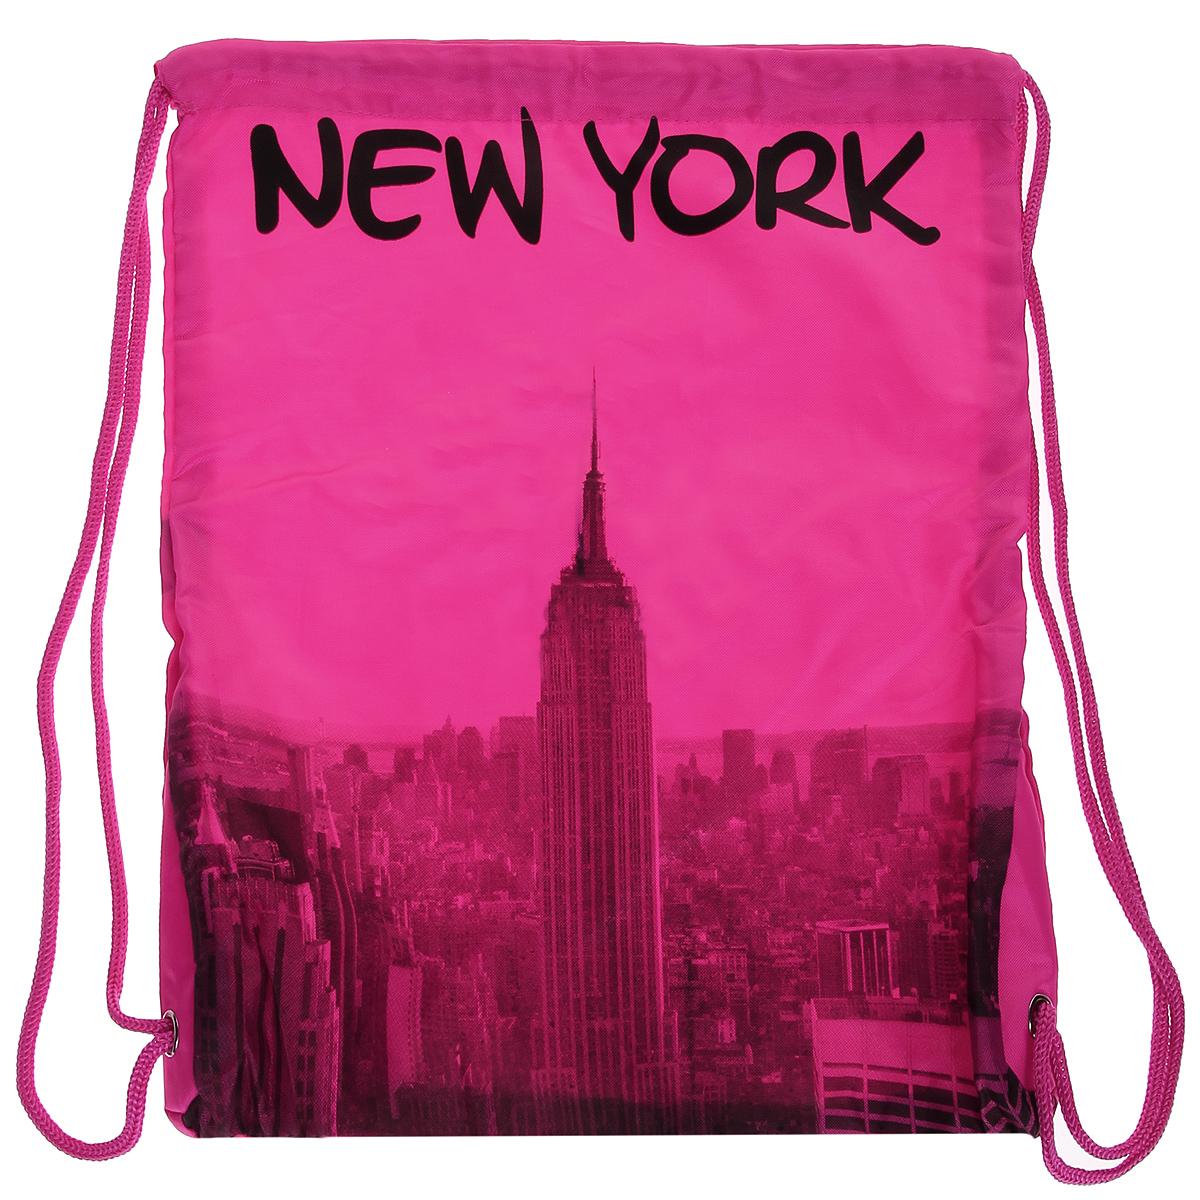 Сумка женская Robin Ruth New York, цвет: розовый. BNY614-C10130-11Стильная женская сумка выполнена из полиэстера розового цвета и оформлена принтом в виде надписей New York. Сумка состоит из одного основного отделения, которое затягивается шнурком. Такая сумка идеально дополнит ваш образ. Характеристики:Цвет: розовый. Материал: полиэстер. Размер сумки (без учета ручки): 34 см х 43 см х 2 см. Изготовитель: Китай. Артикул: BNY614-C.